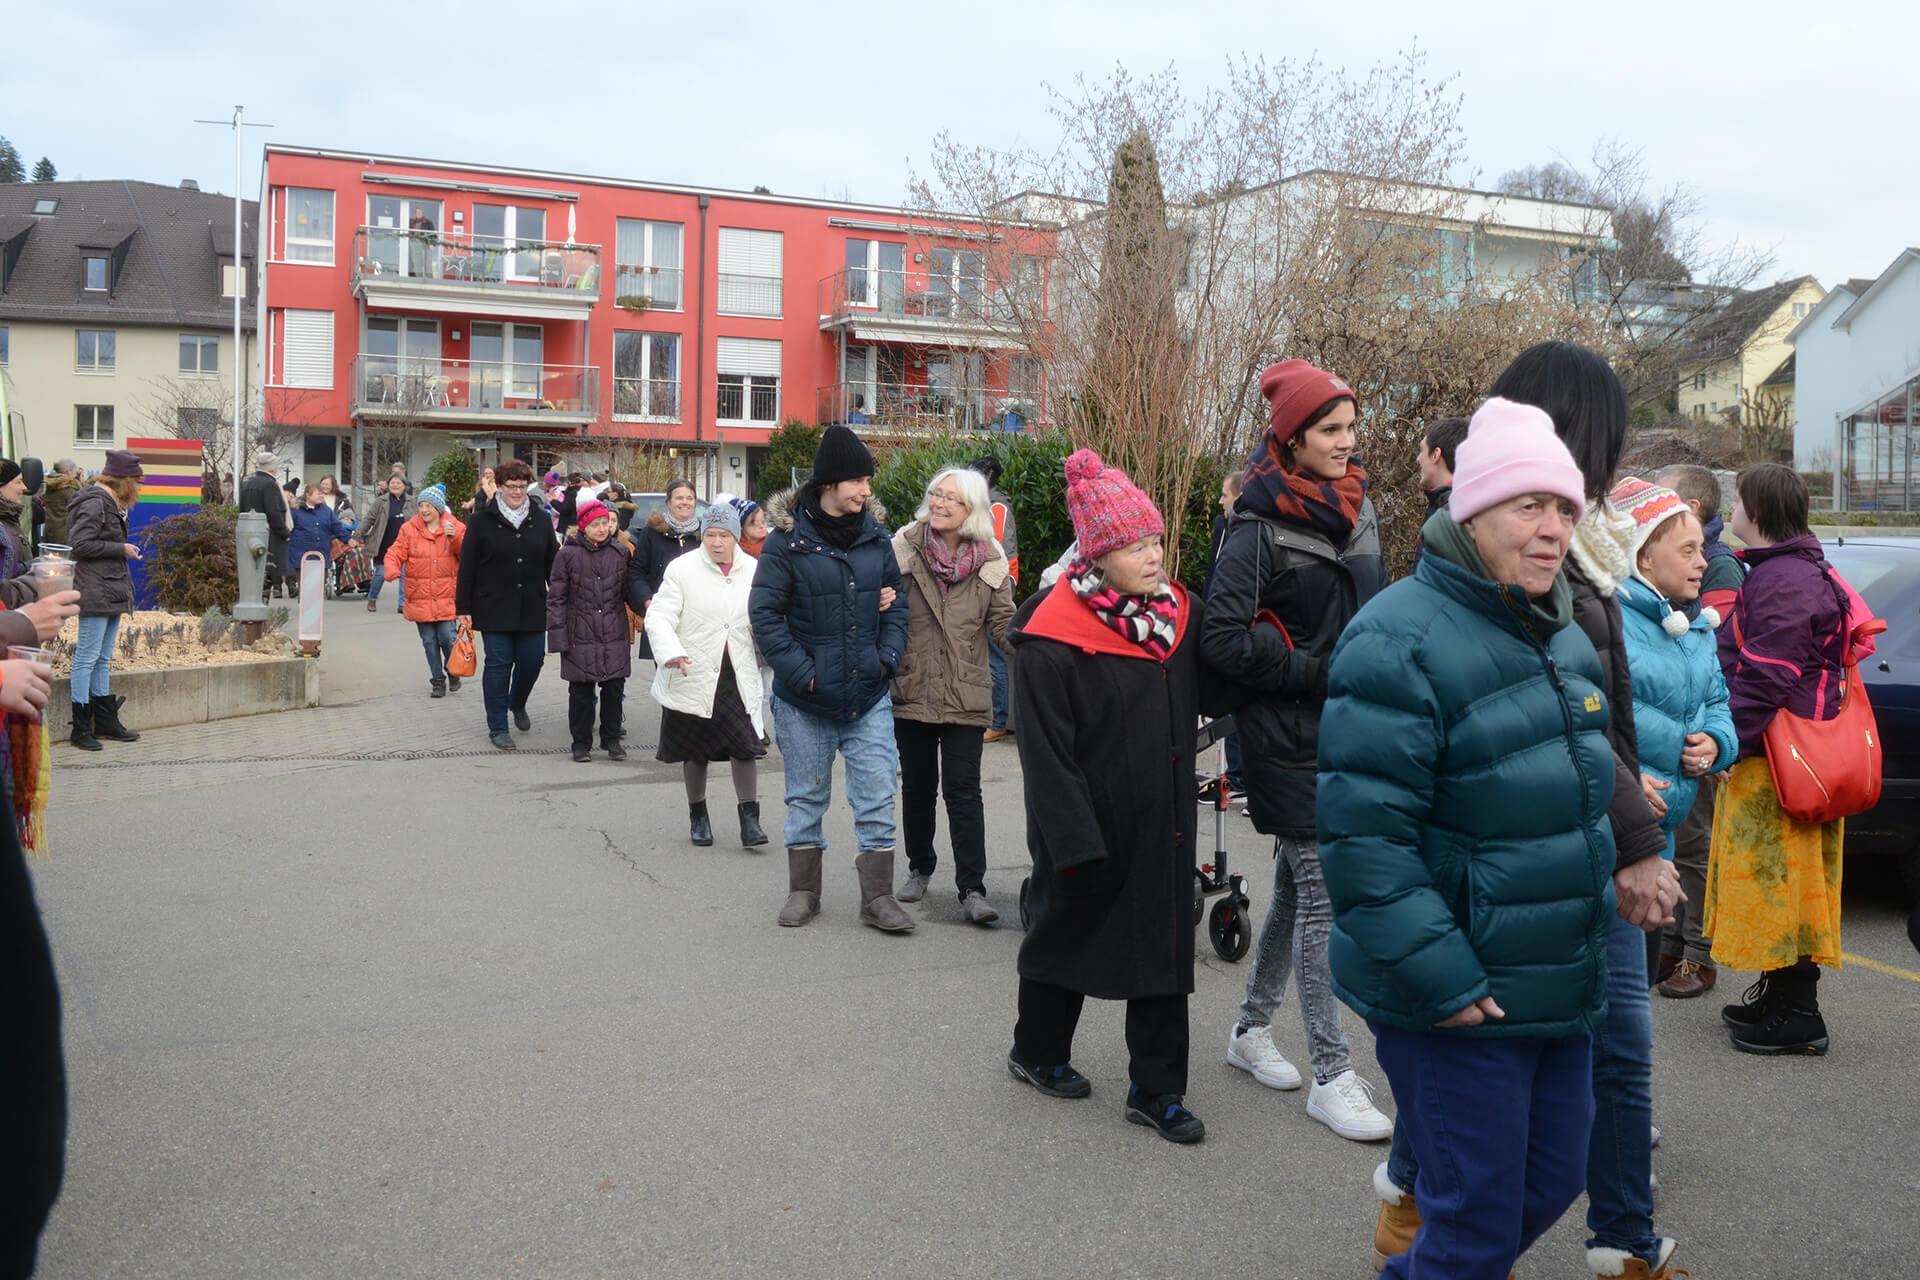 Spalier stehen: So haben die Bewohner der Martin Stiftung, die Frauen vom neuen Wohnhaus Rütibühl empfangen.